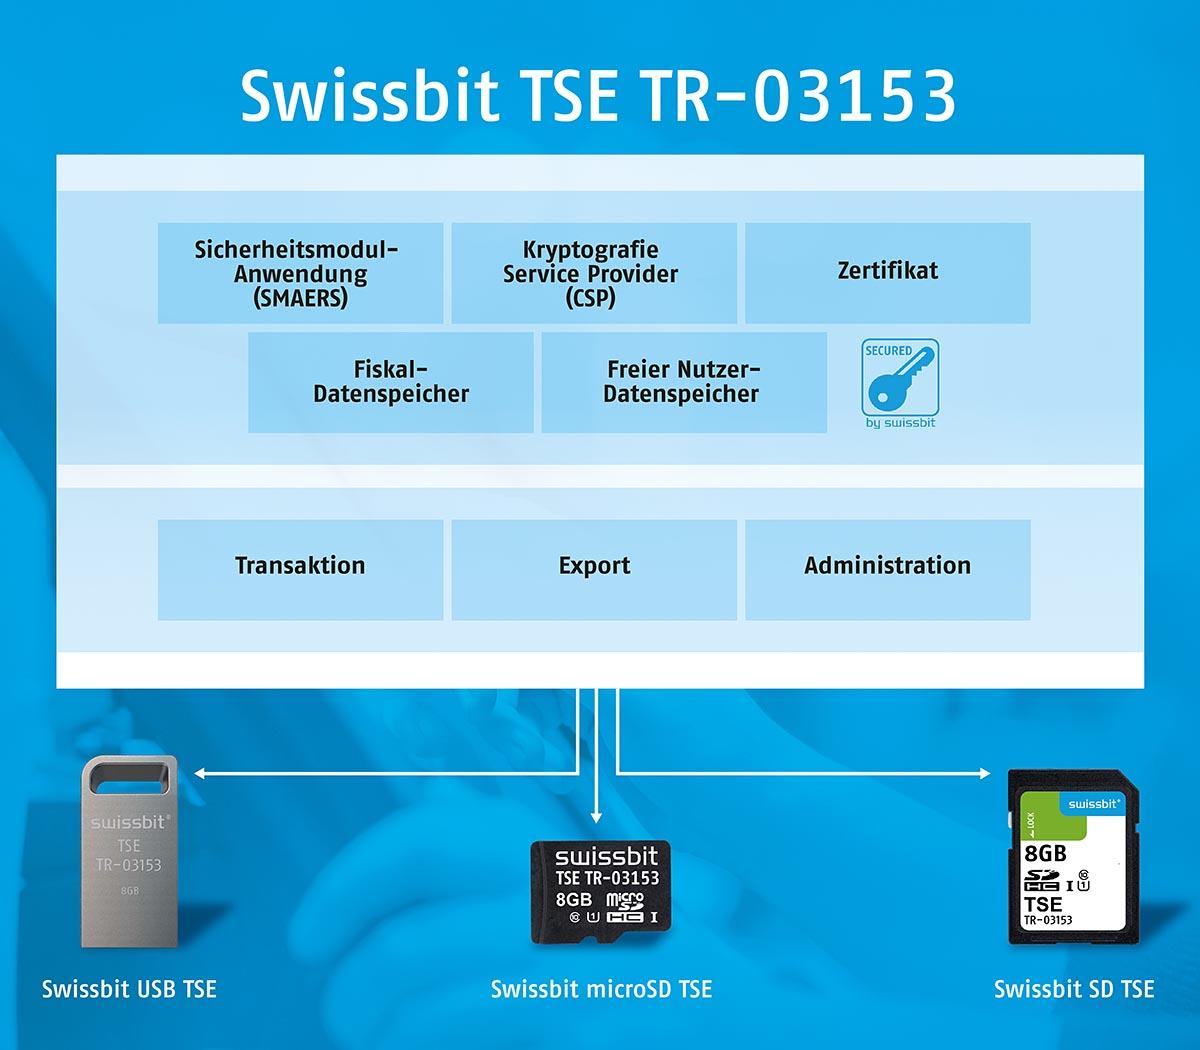 Die Swissbit TSE ist steckbar und somit einfach zu integrieren. Bestehende Kassensysteme lassen sich problemlos nachrüsten.